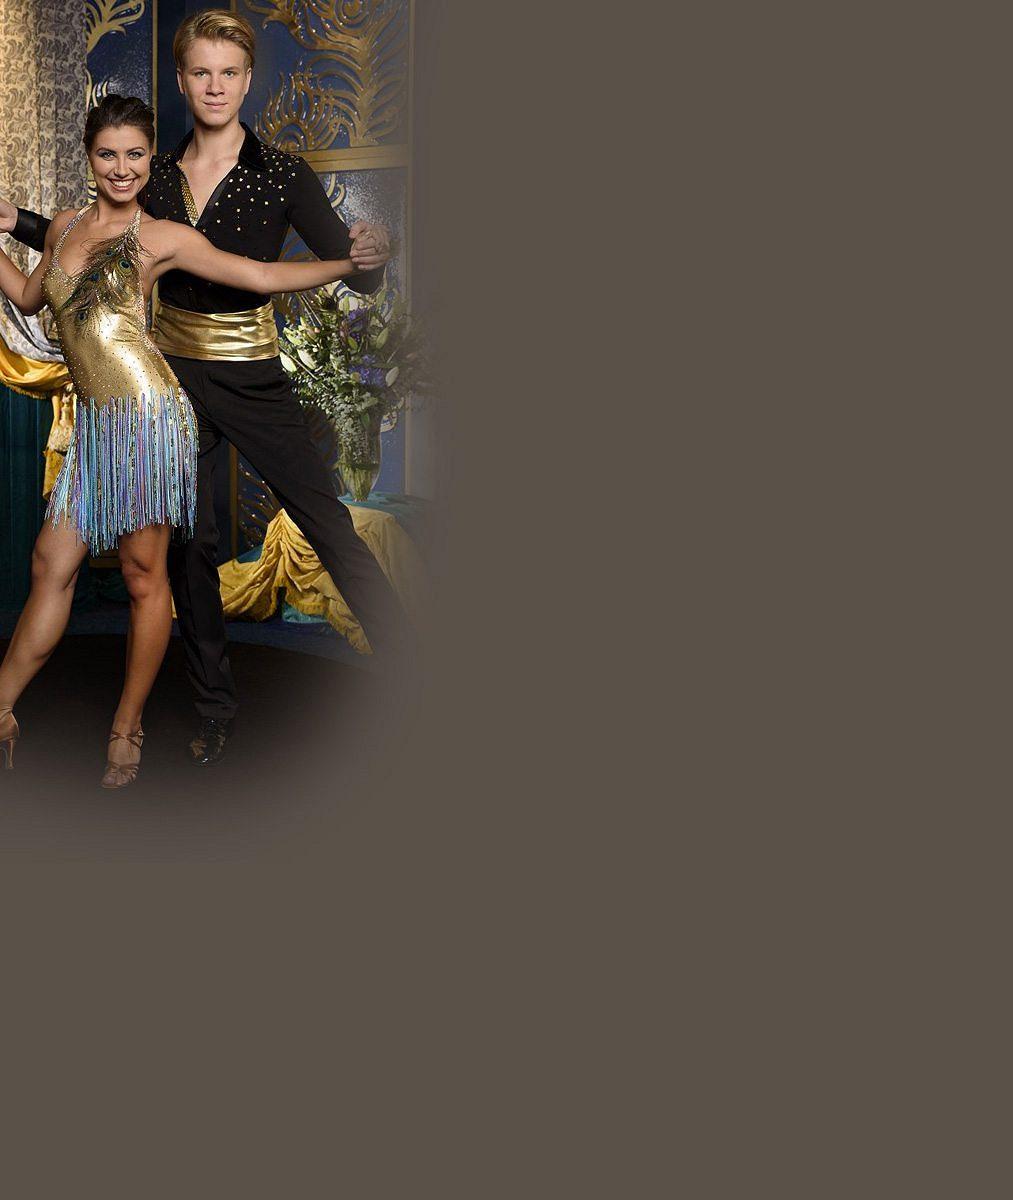 Piškulova tanečnice Lálová prý podváděla s choreografií. Jan Onder se jí zastává: Někdo jí chce ublížit